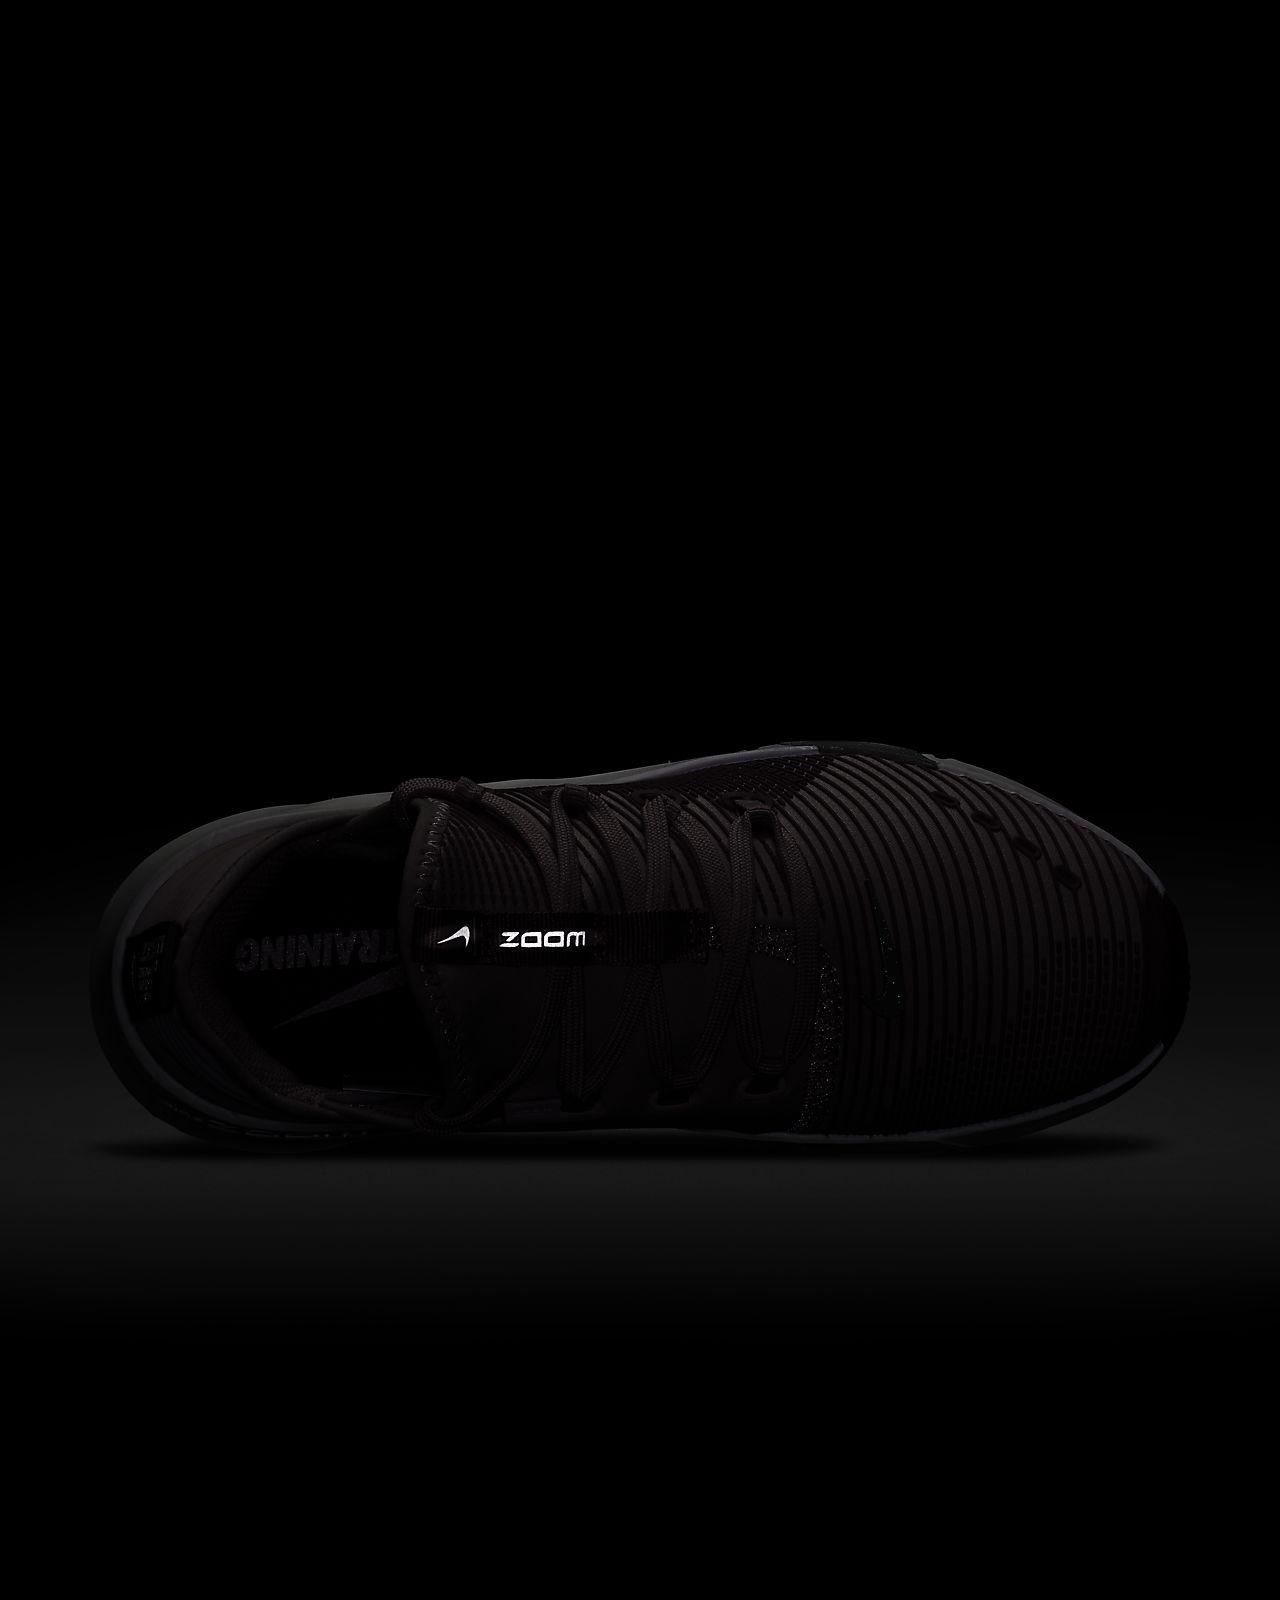 8b17741685b86 Nike Air Zoom Elevate Women s Gym Training Boxing Shoe. Nike.com CA